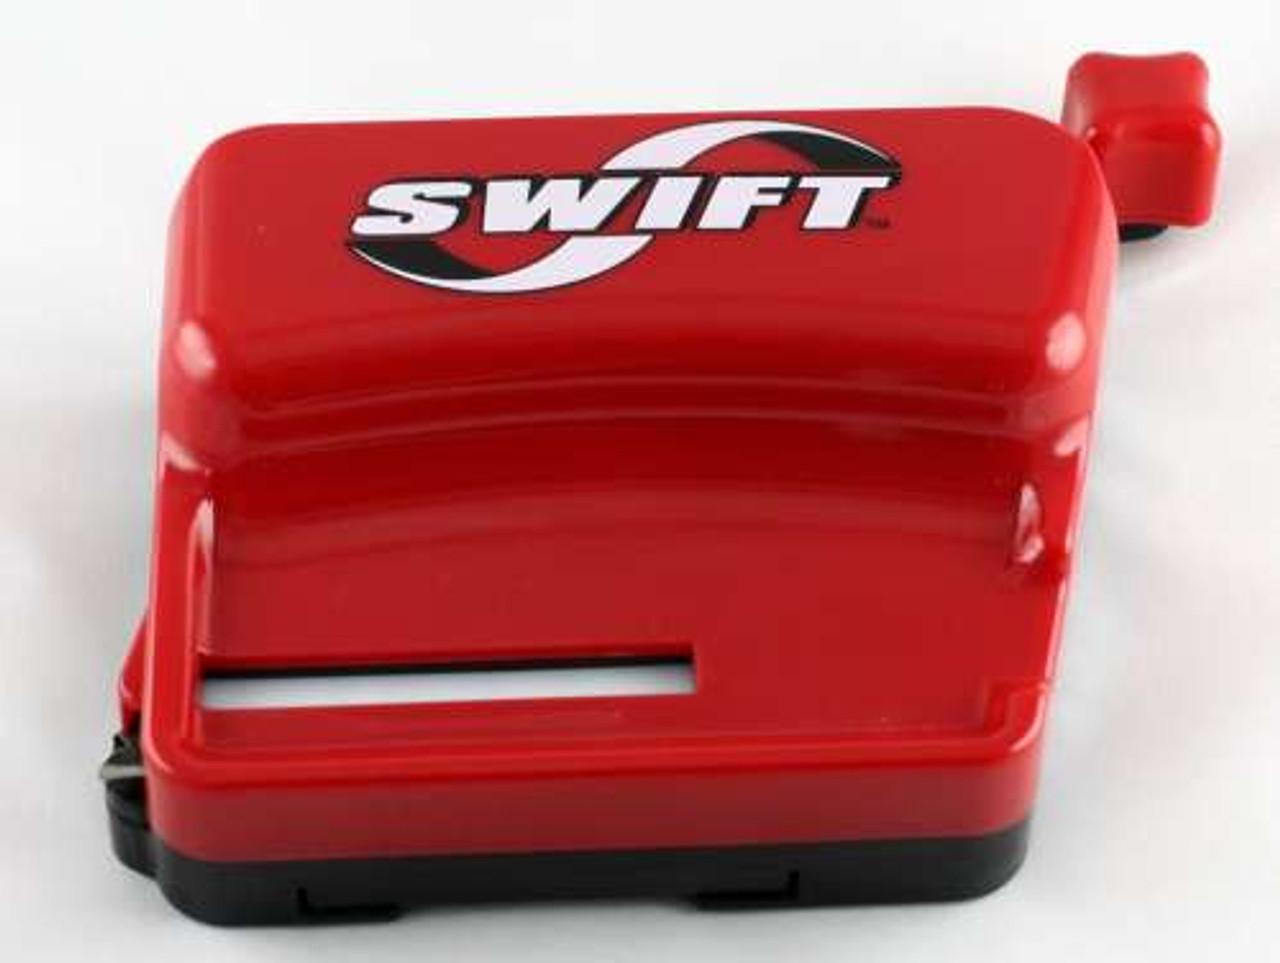 Swift Portable Cigarette Rolling Machine